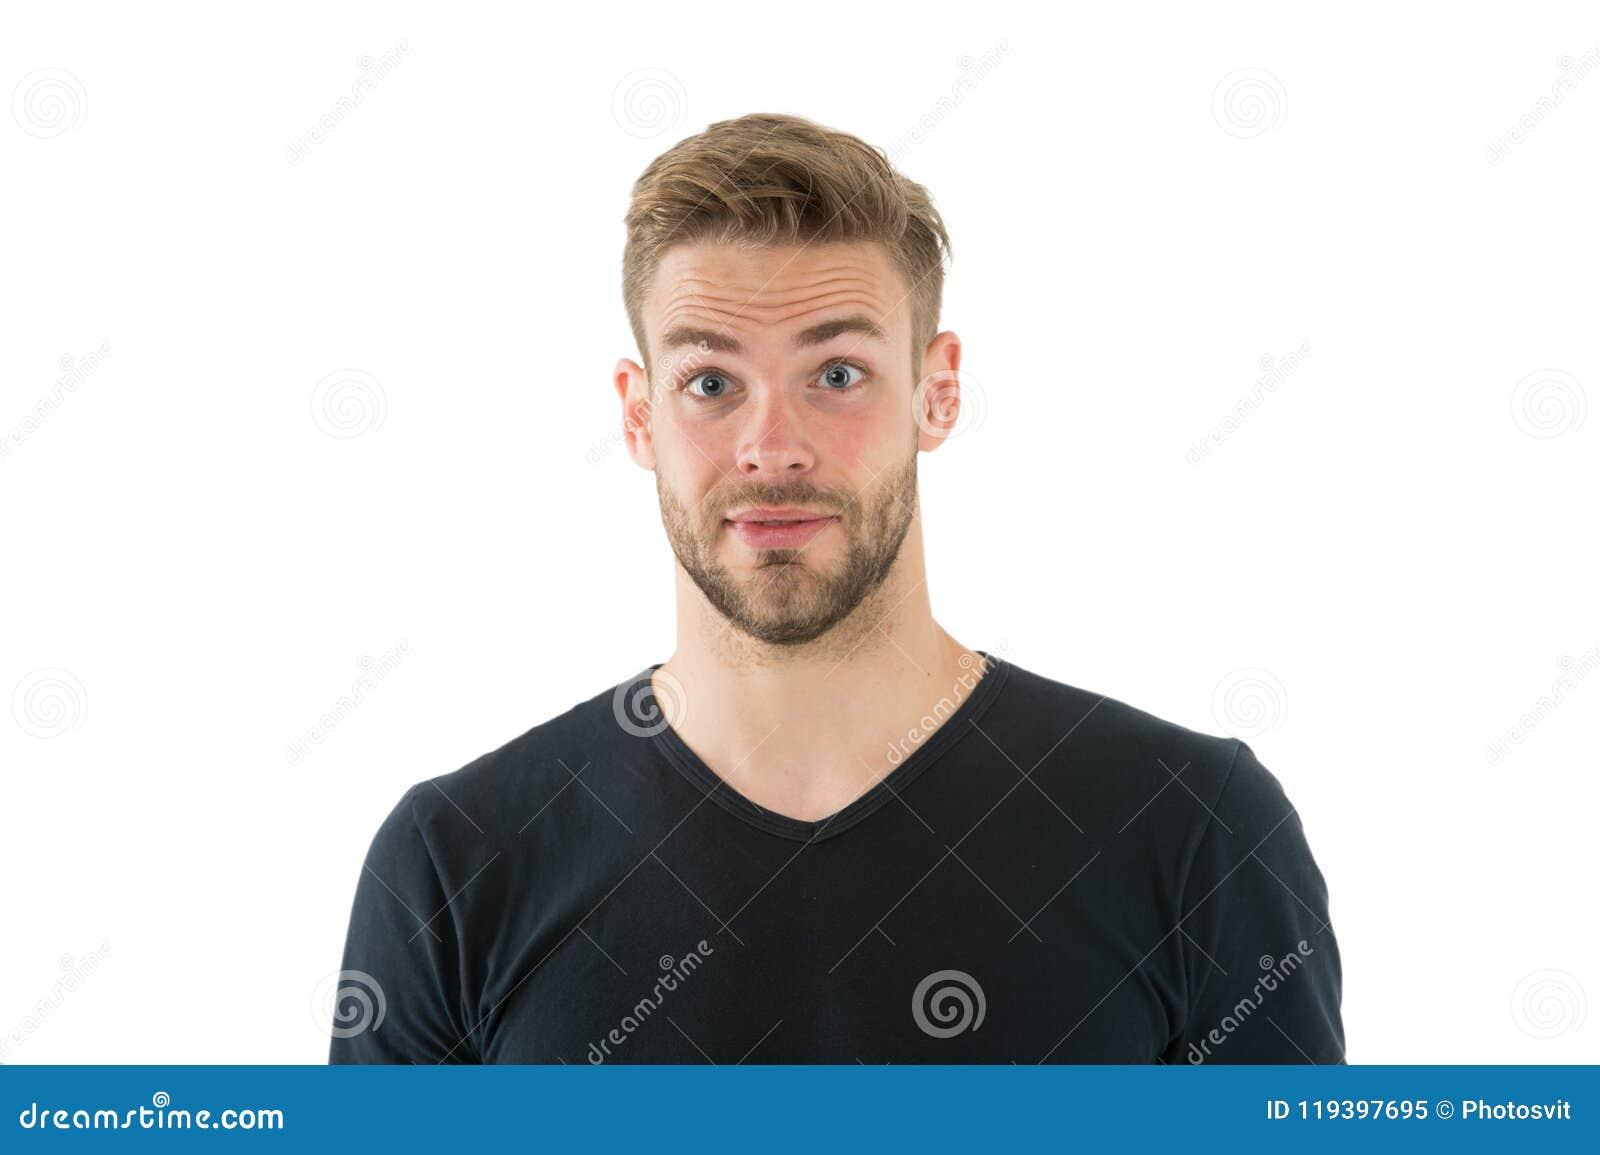 Ik verwachtte dat niet De mens met varkenshaar verraste gezicht geïsoleerde witte achtergrond Prettig verrassingsconcept Mens die